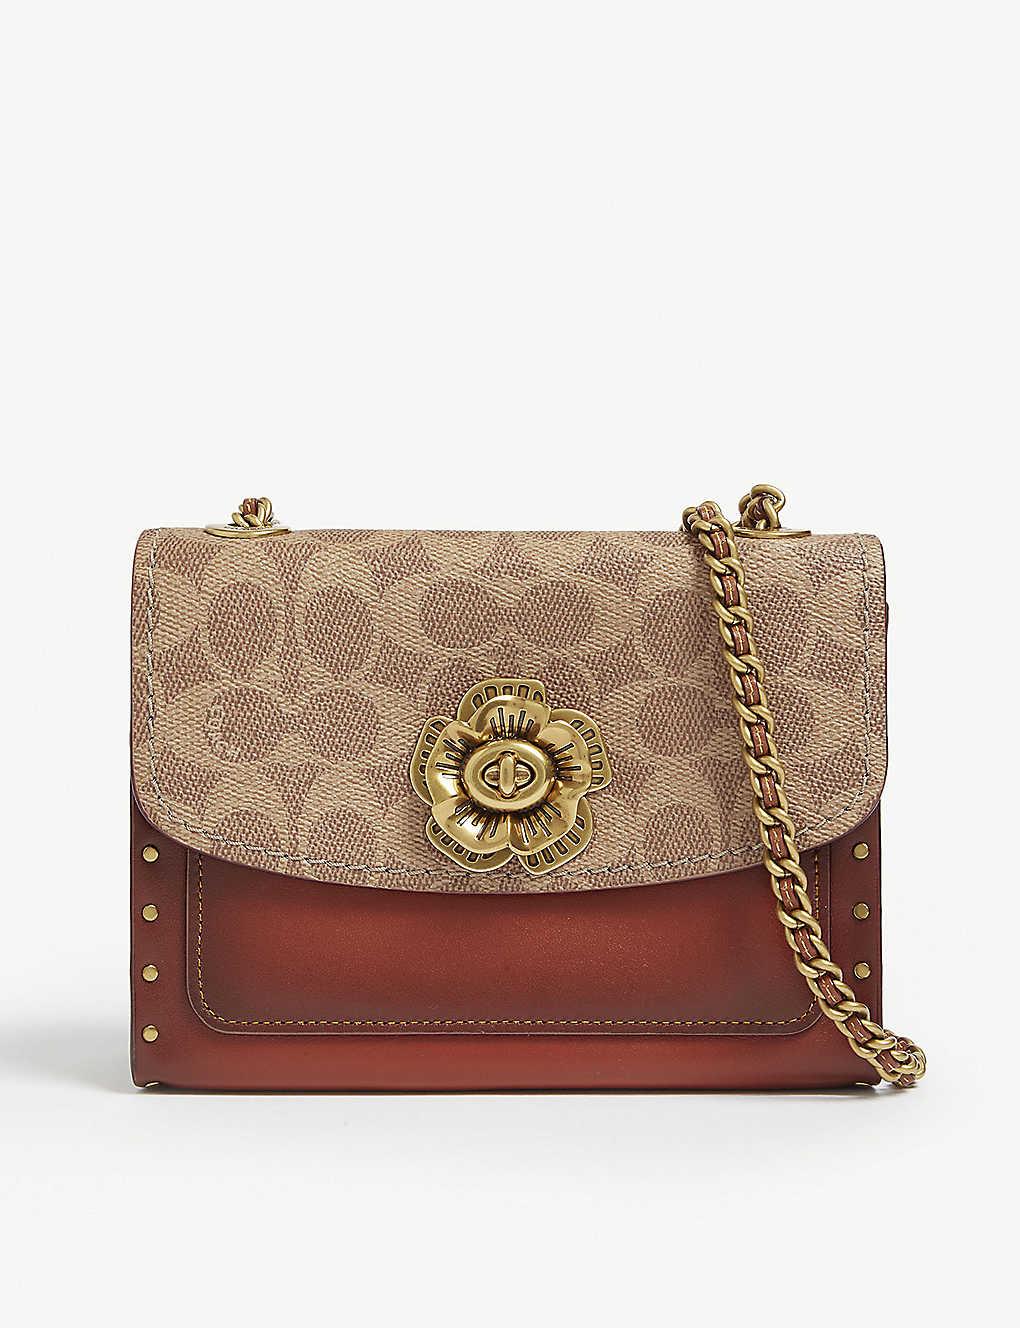 a72d0a2d520 COACH - Parker leather shoulder bag | Selfridges.com